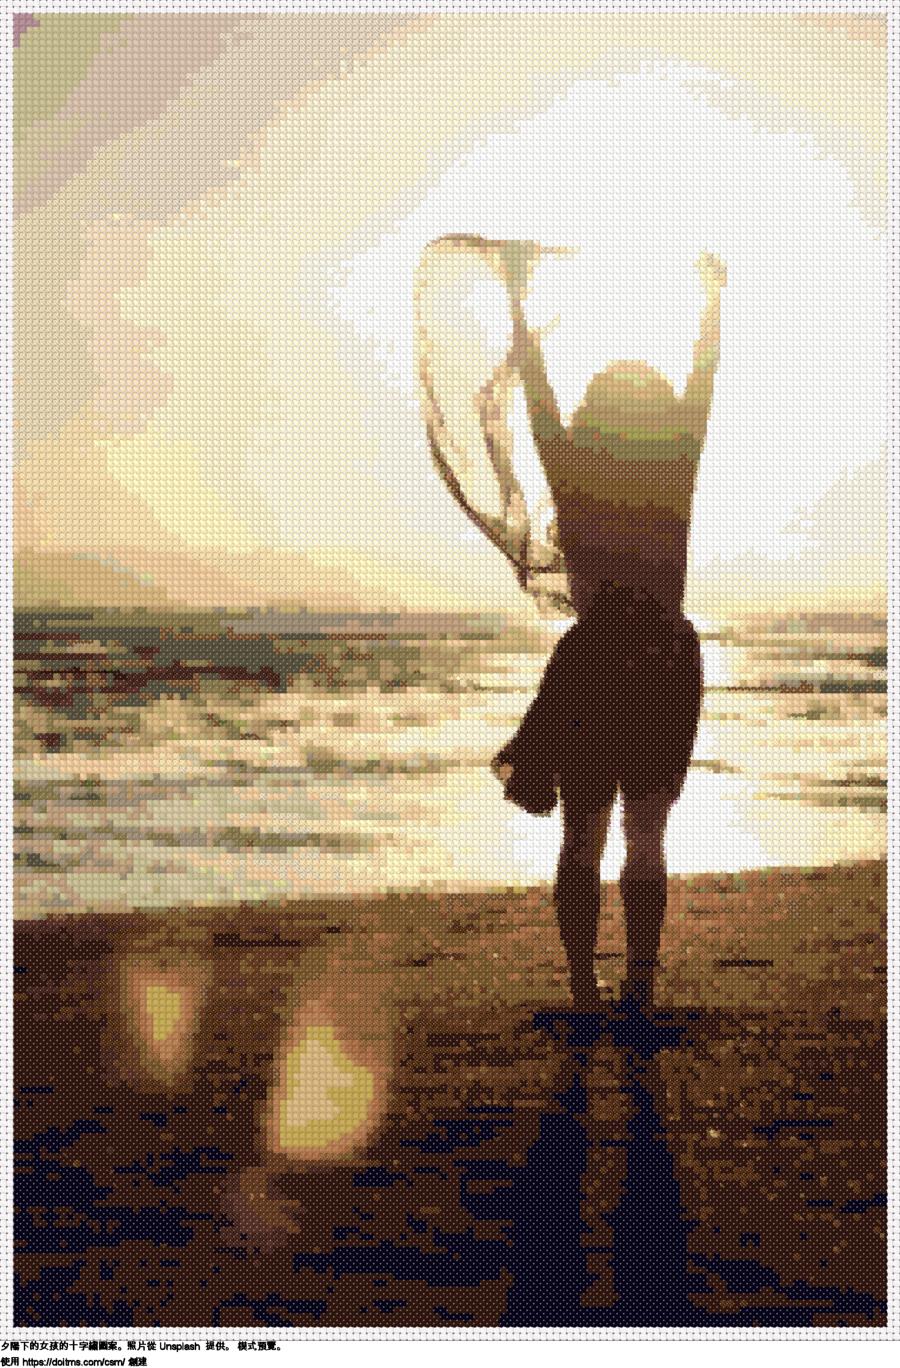 免費 夕陽下的女孩 十字縫設計